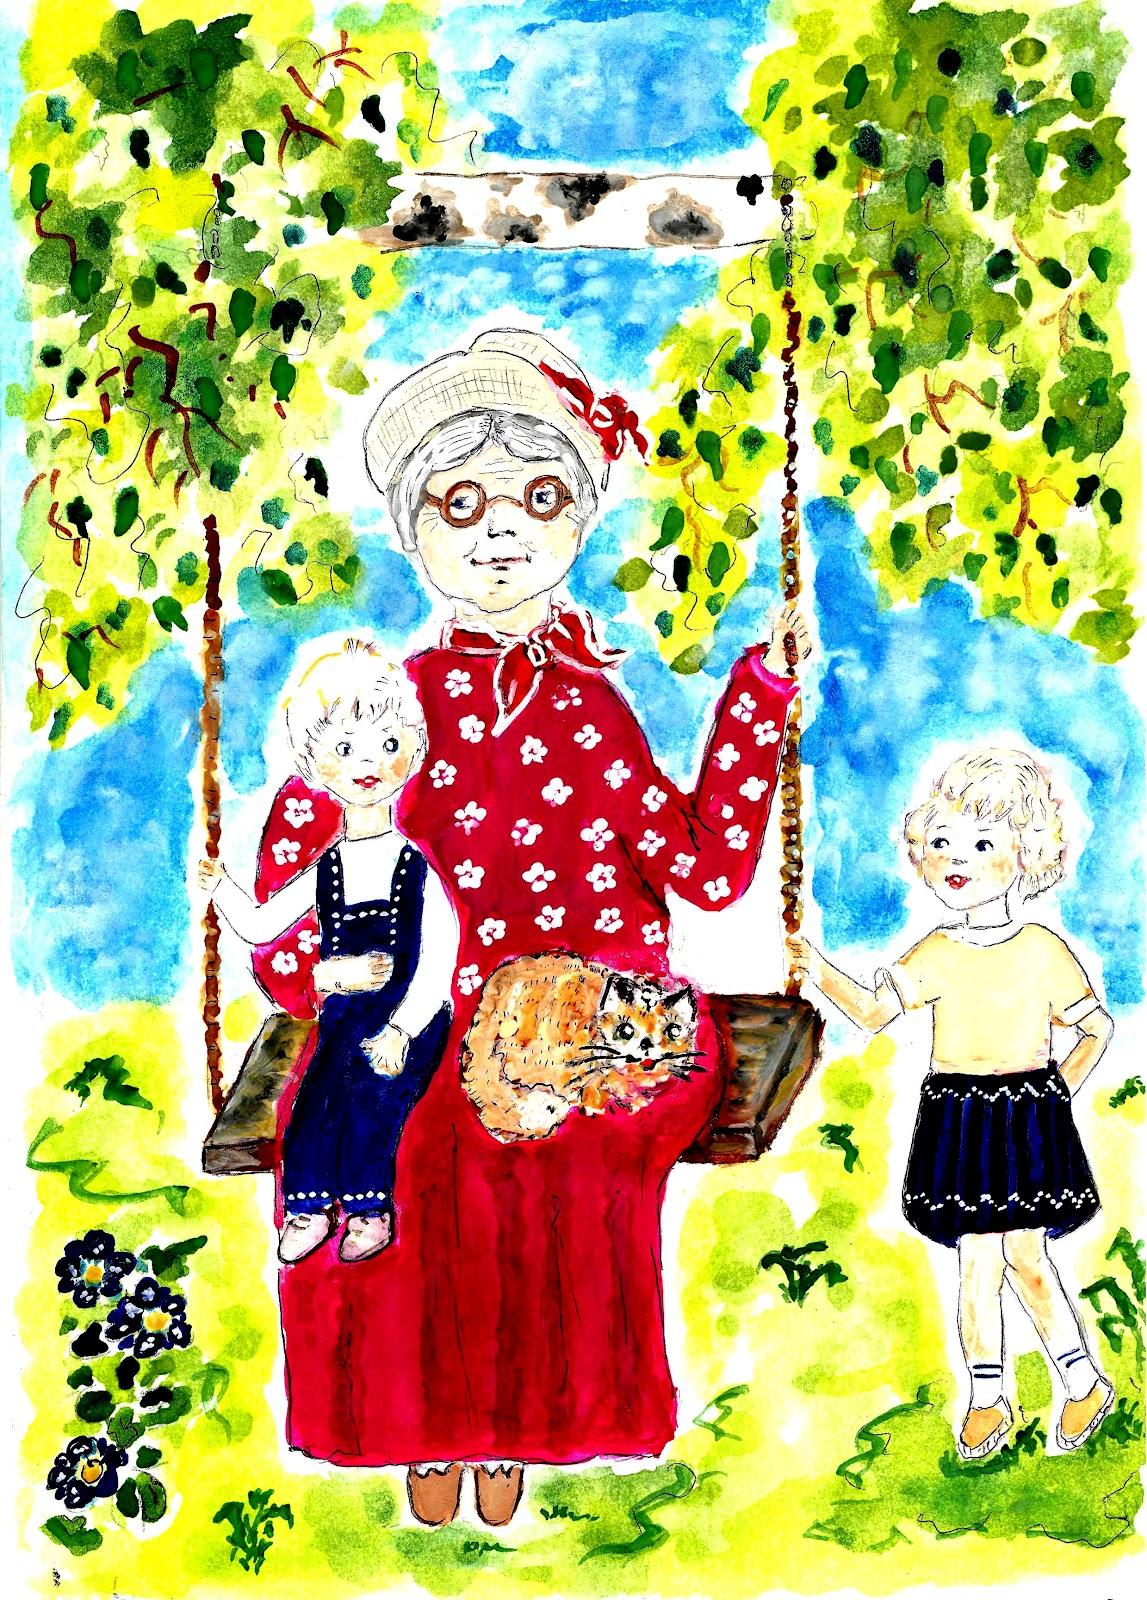 Смишите нас бабушка и внук 27 фотография